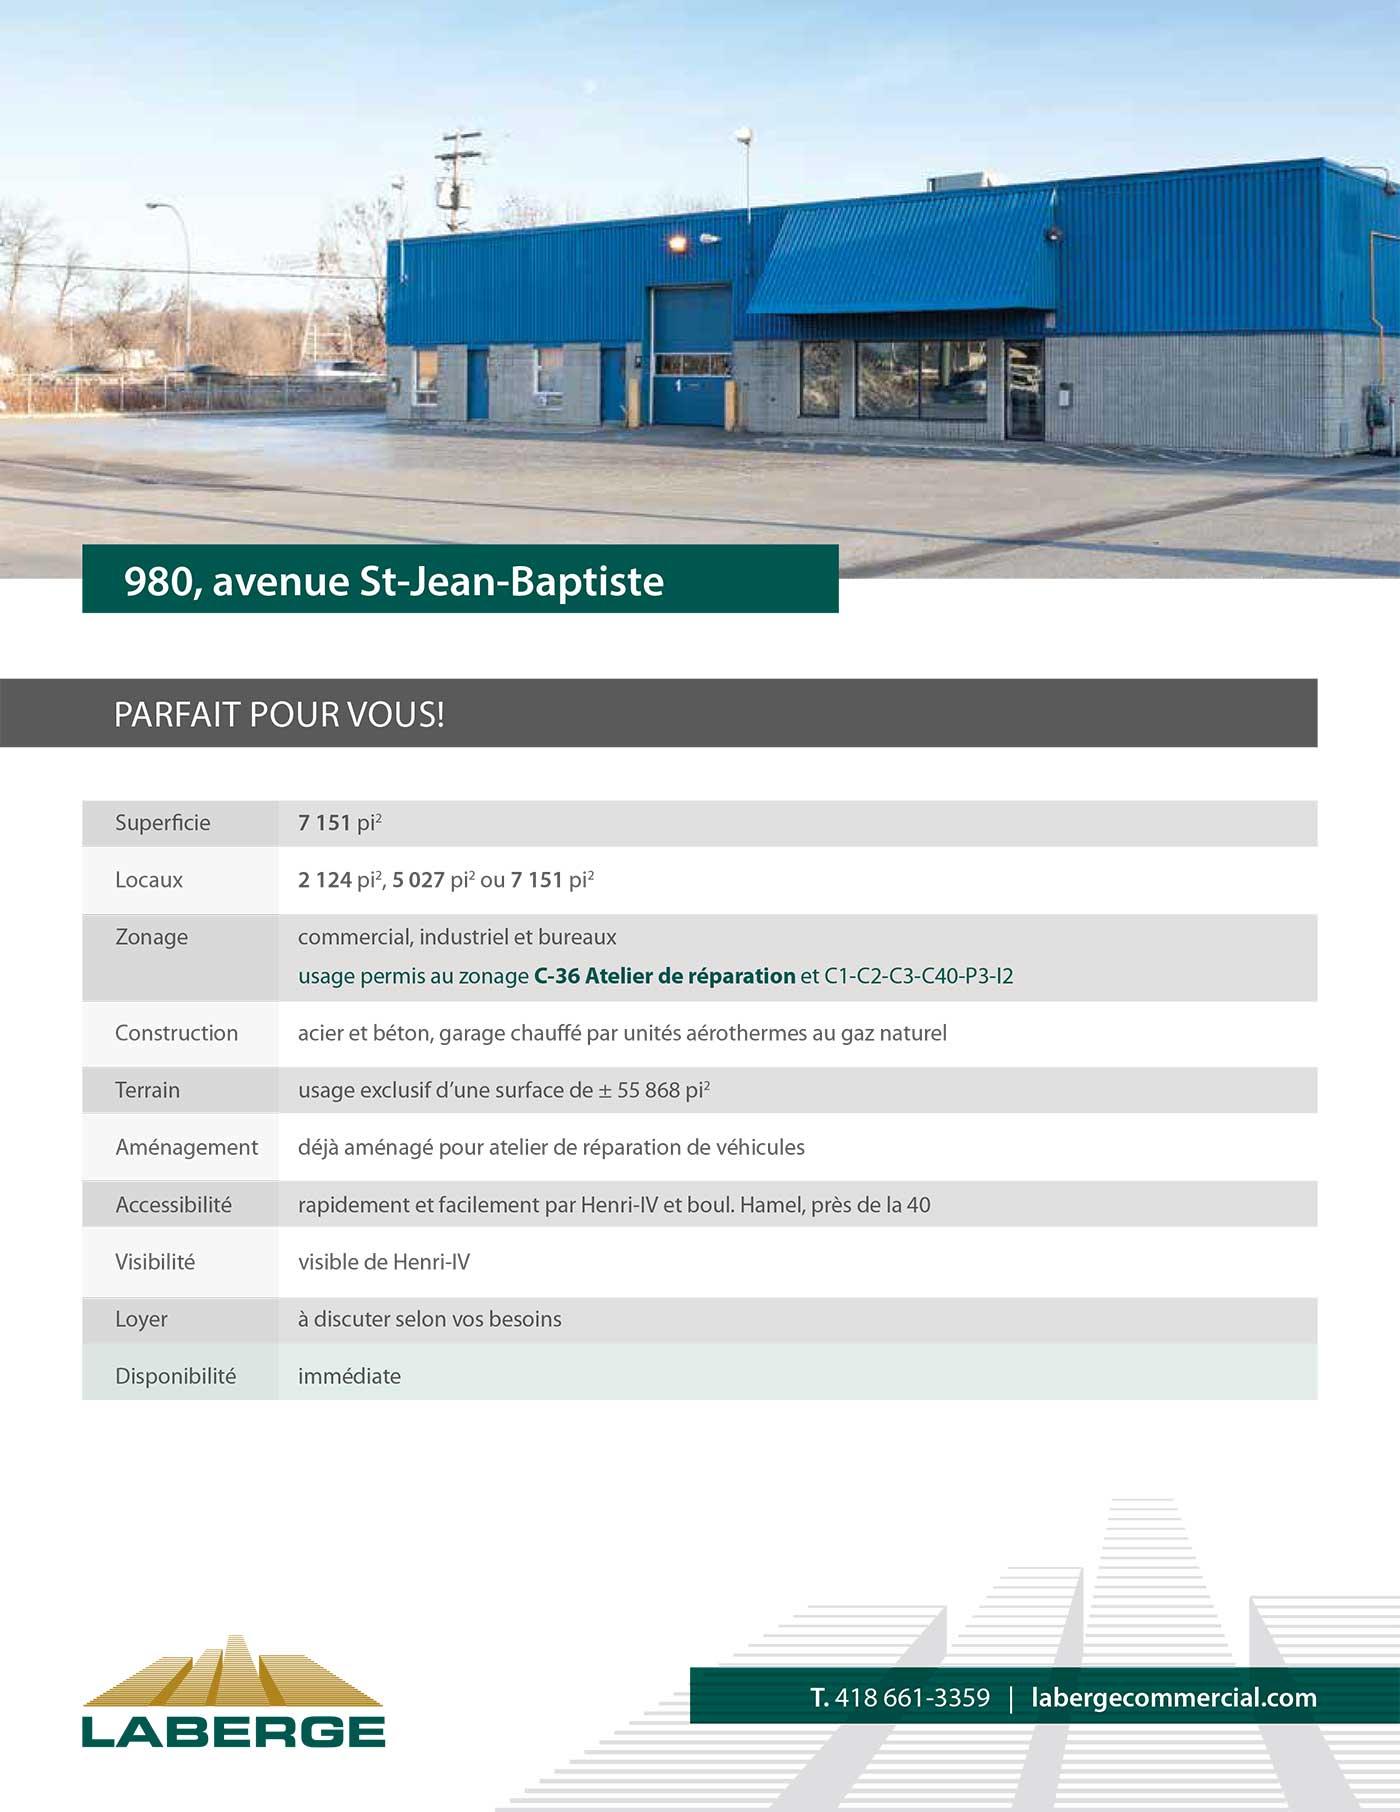 Document de présentation d'un local à louer pour Laberge Commercial